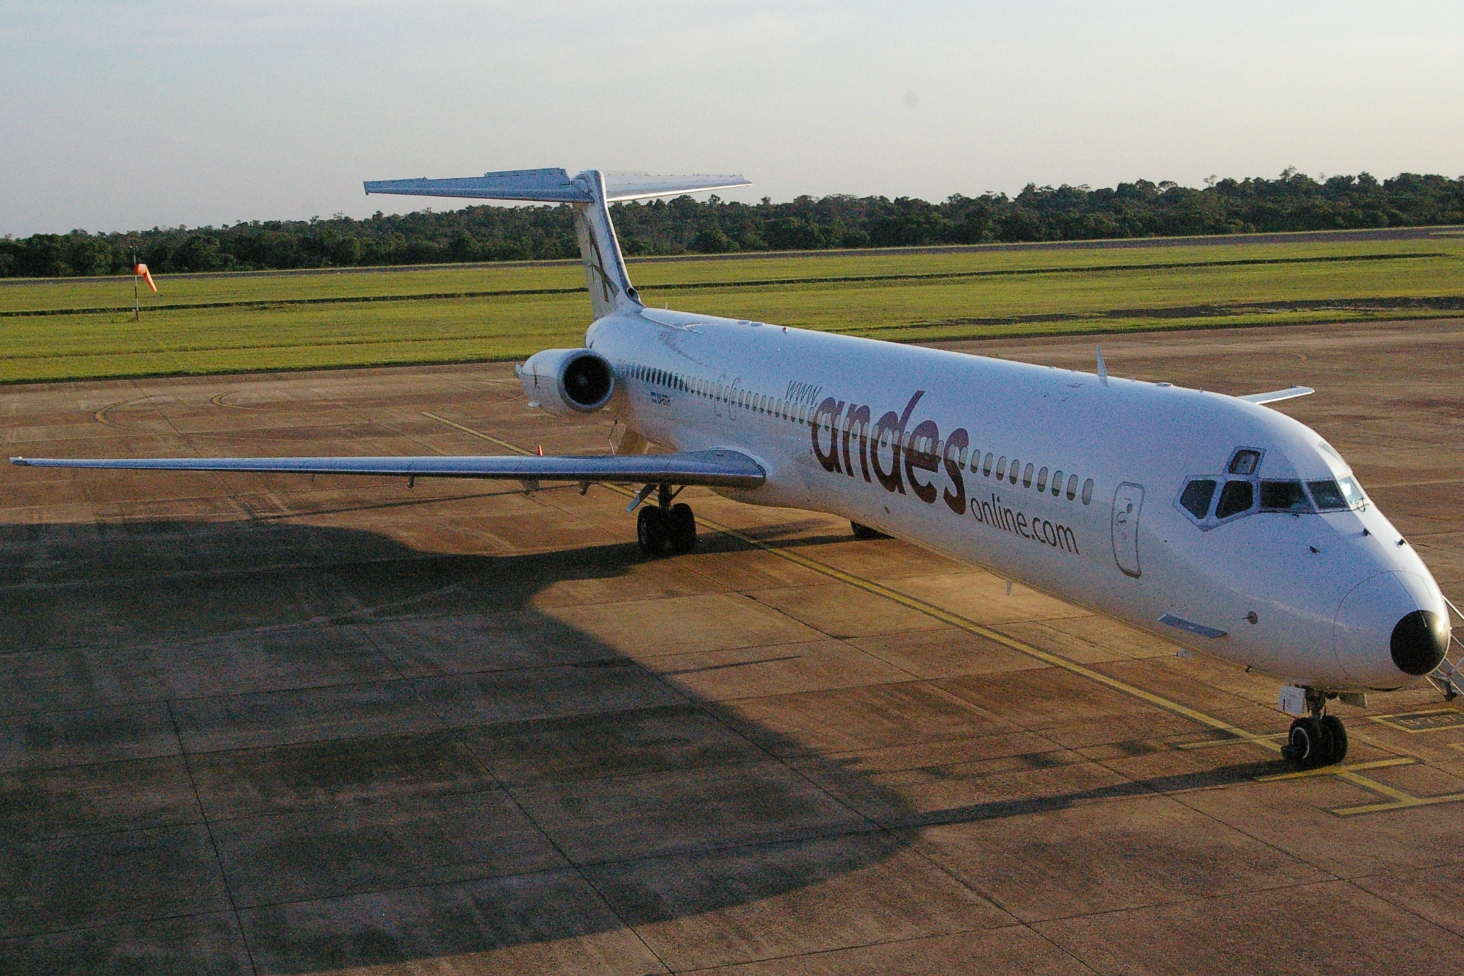 Argentina: En abril habrá un vuelo diario que unirá Buenos Aires-Madryn-Comodoro